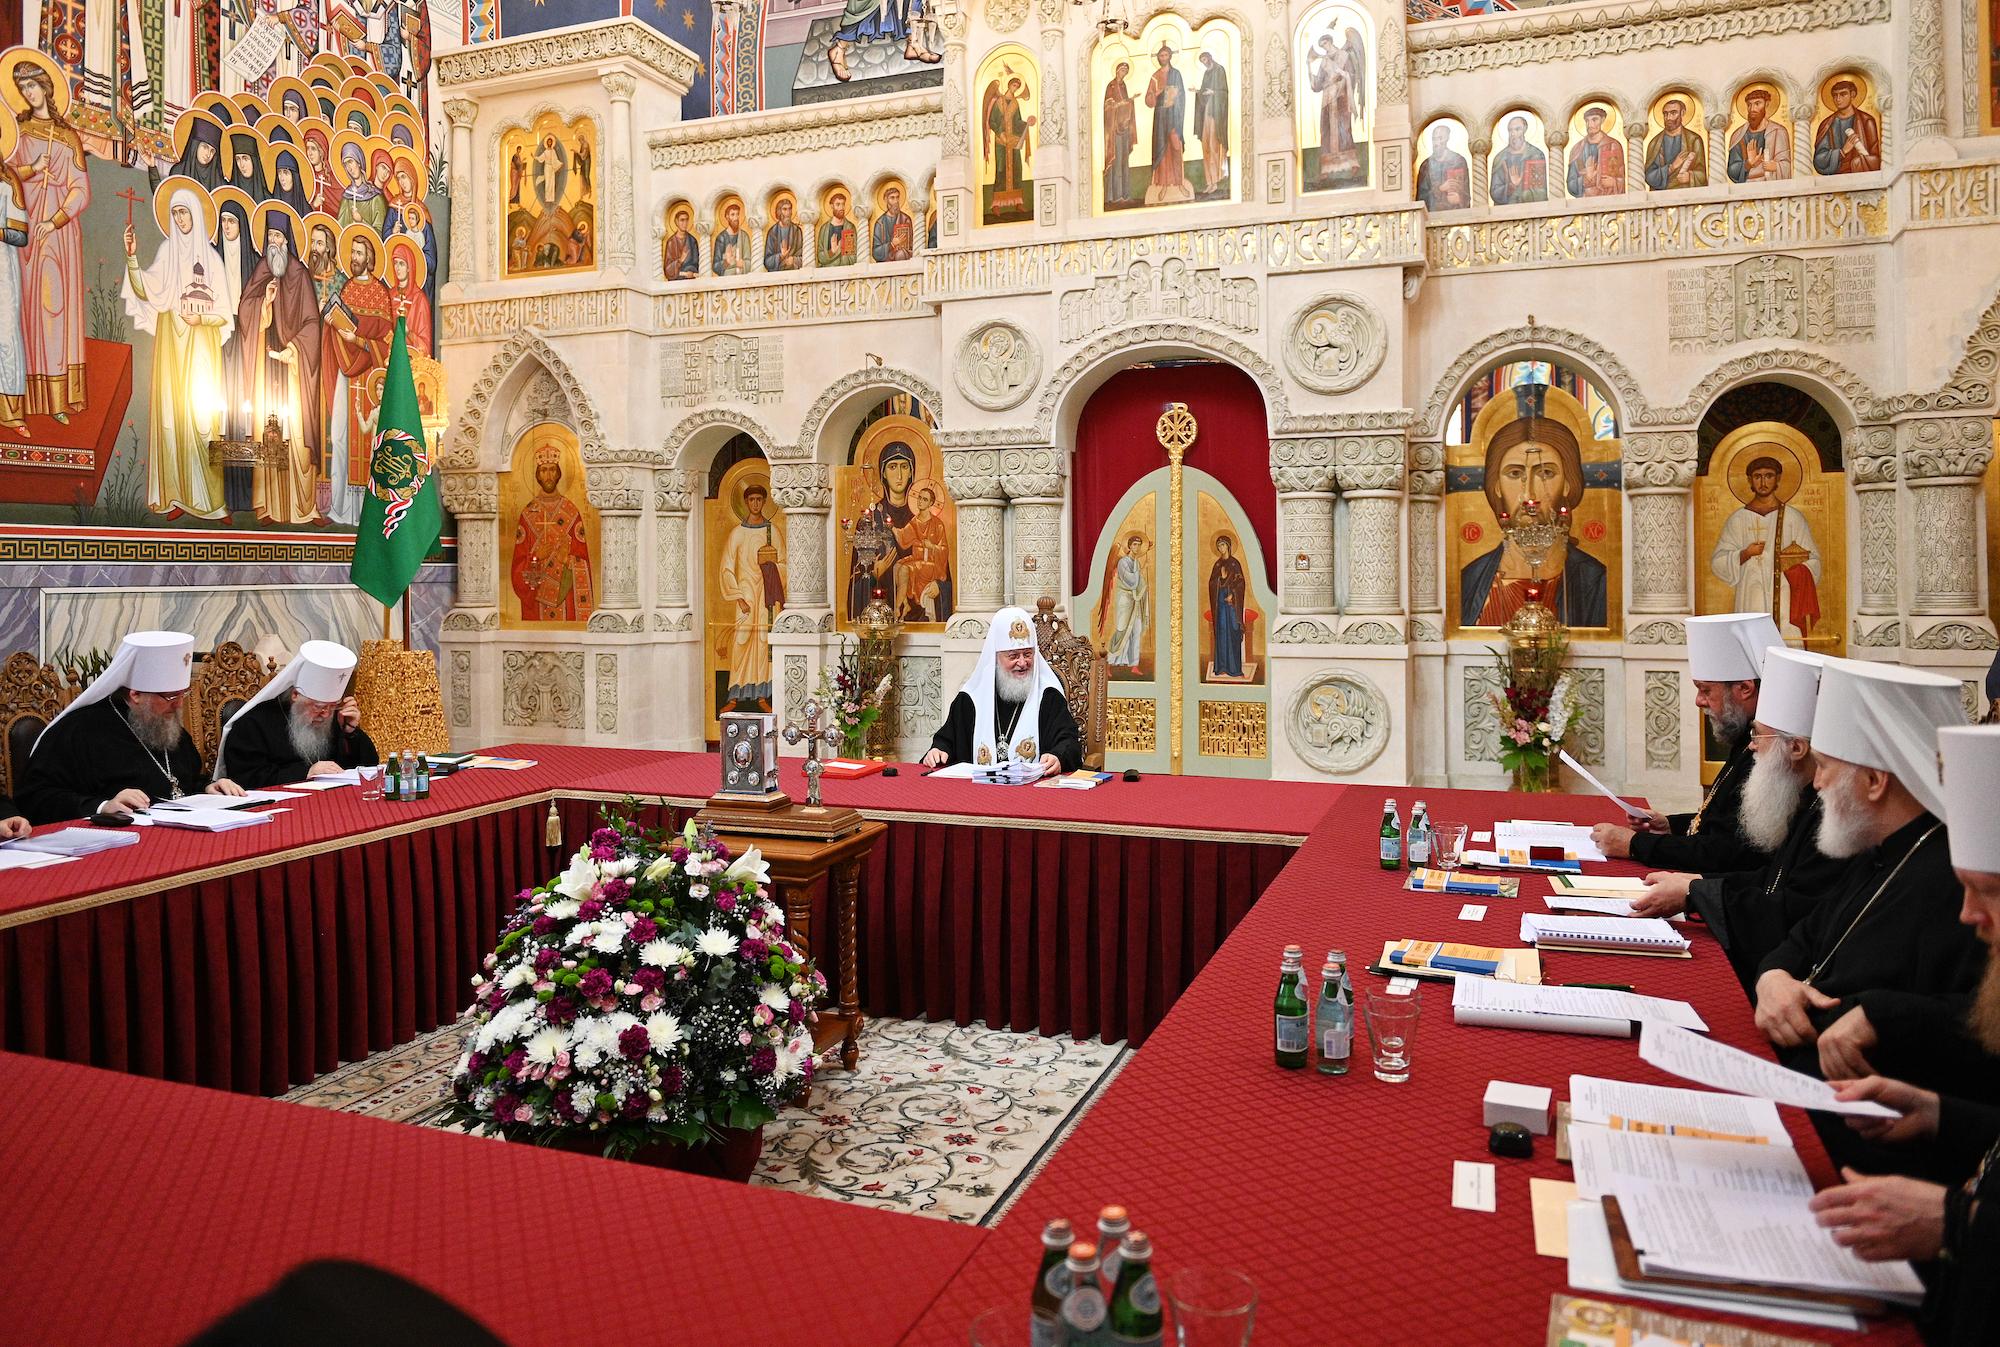 Синод — это священный синод русской православной церкви